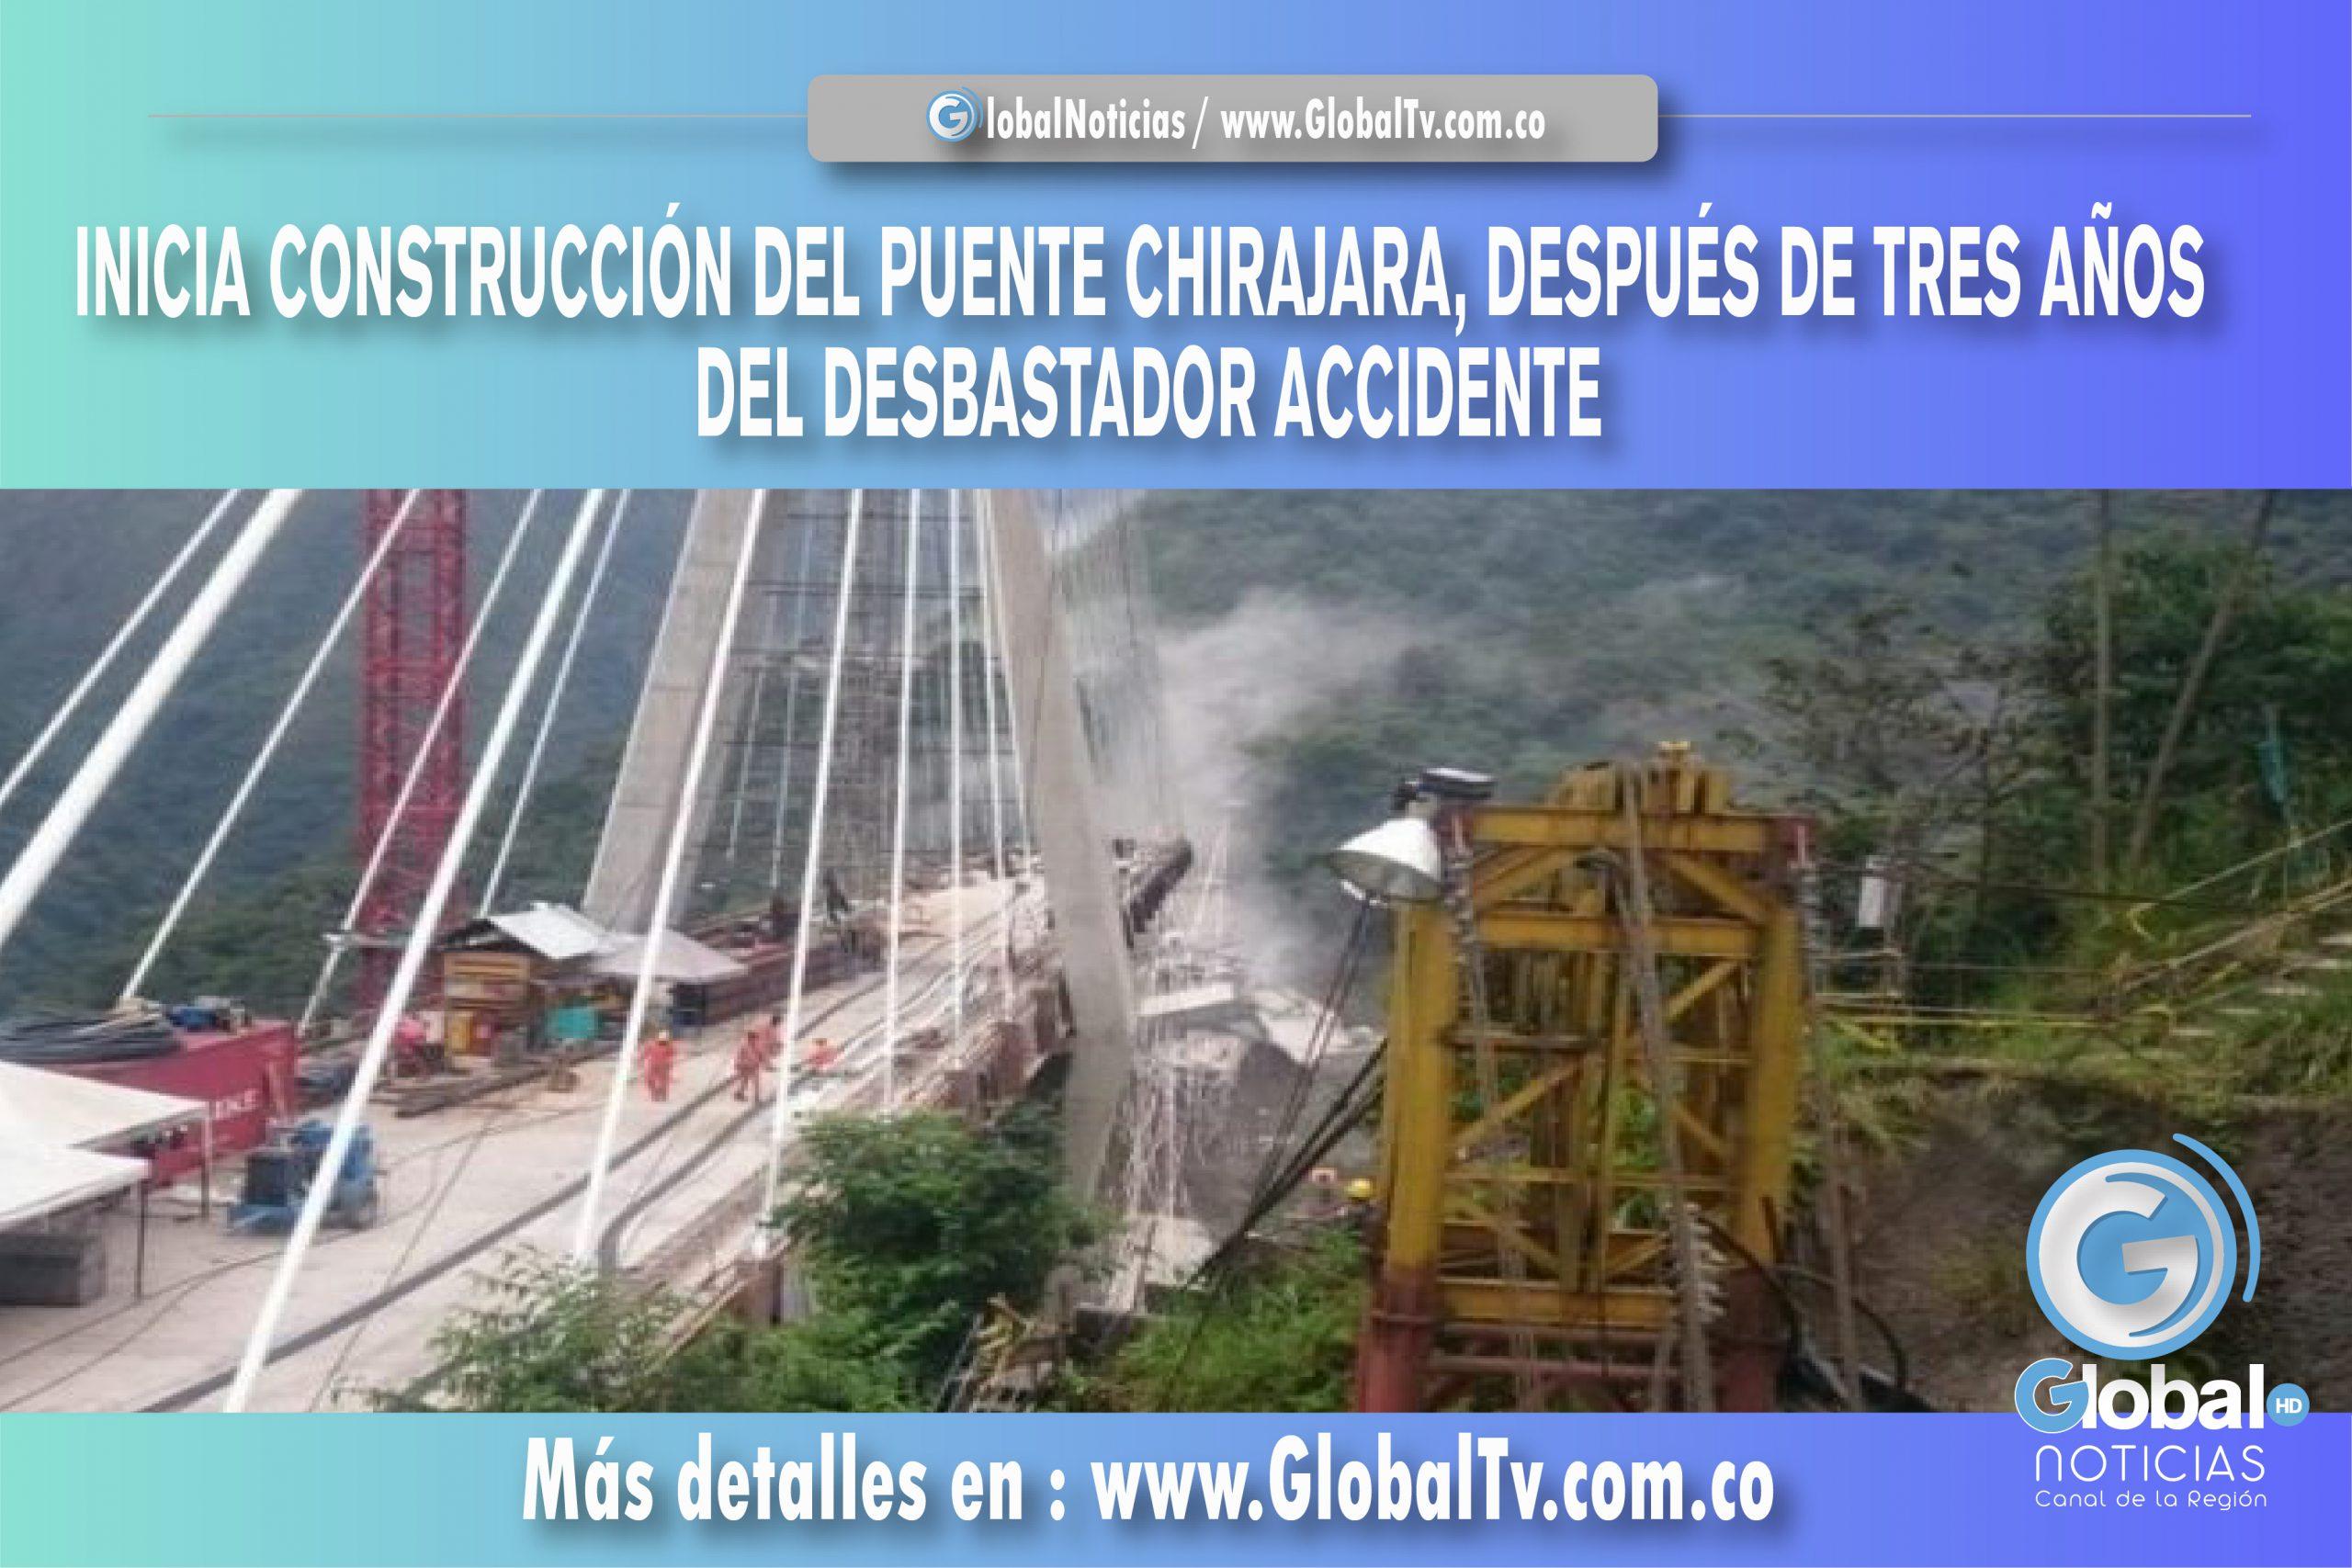 INICIA CONSTRUCCIÓN DEL PUENTE CHIRAJARA, DESPUÉS DE TRES AÑOS DEL DESBASTADOR ACCIDENTE